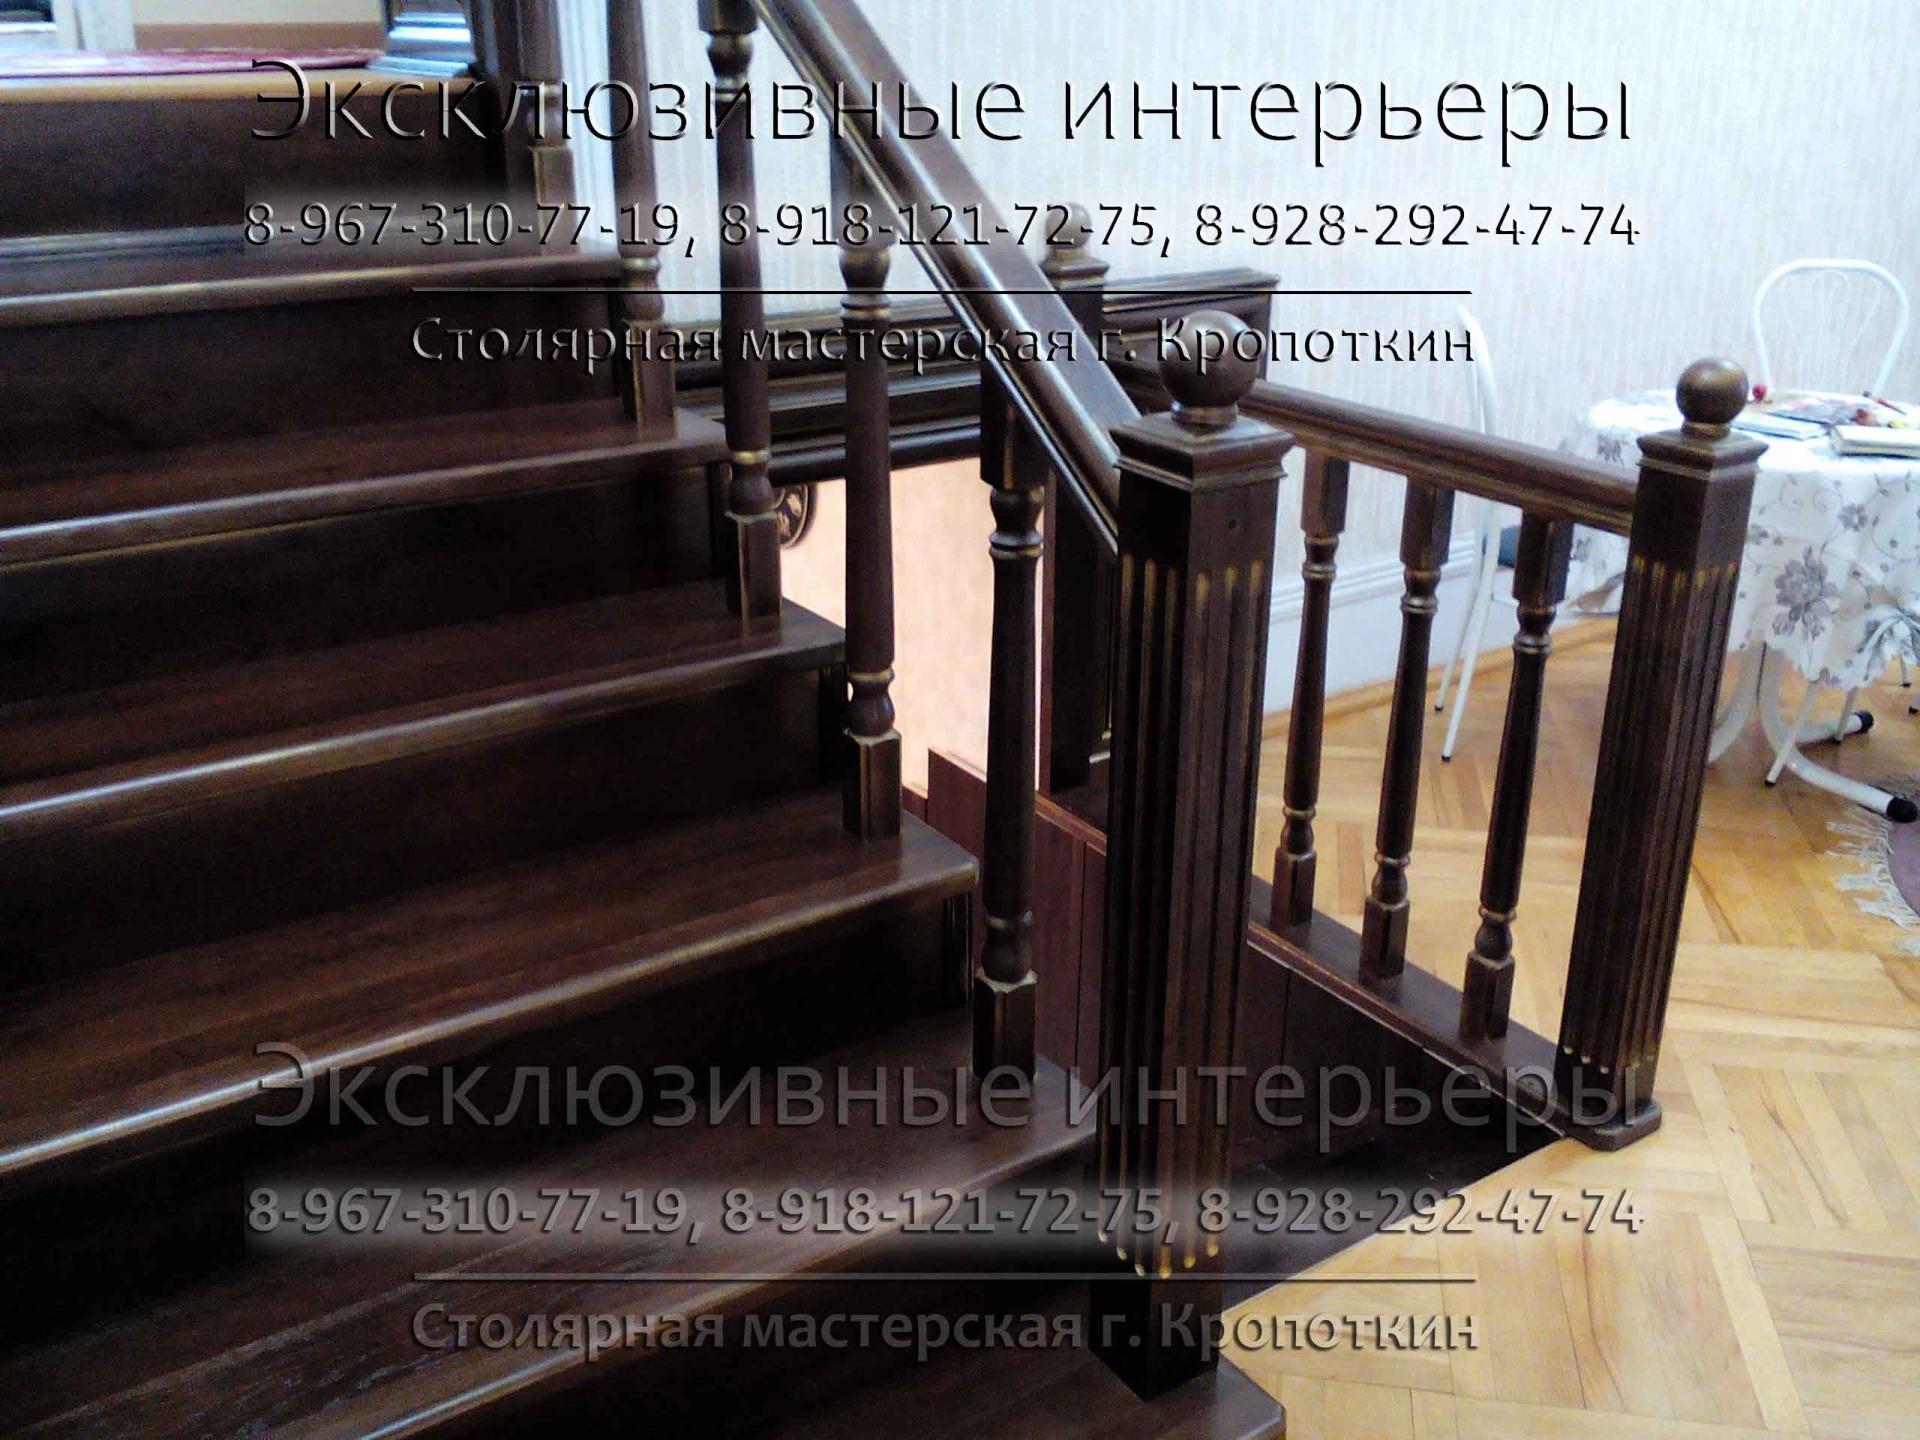 Изготовление лестниц в Сочи - столярный цех-мастерская